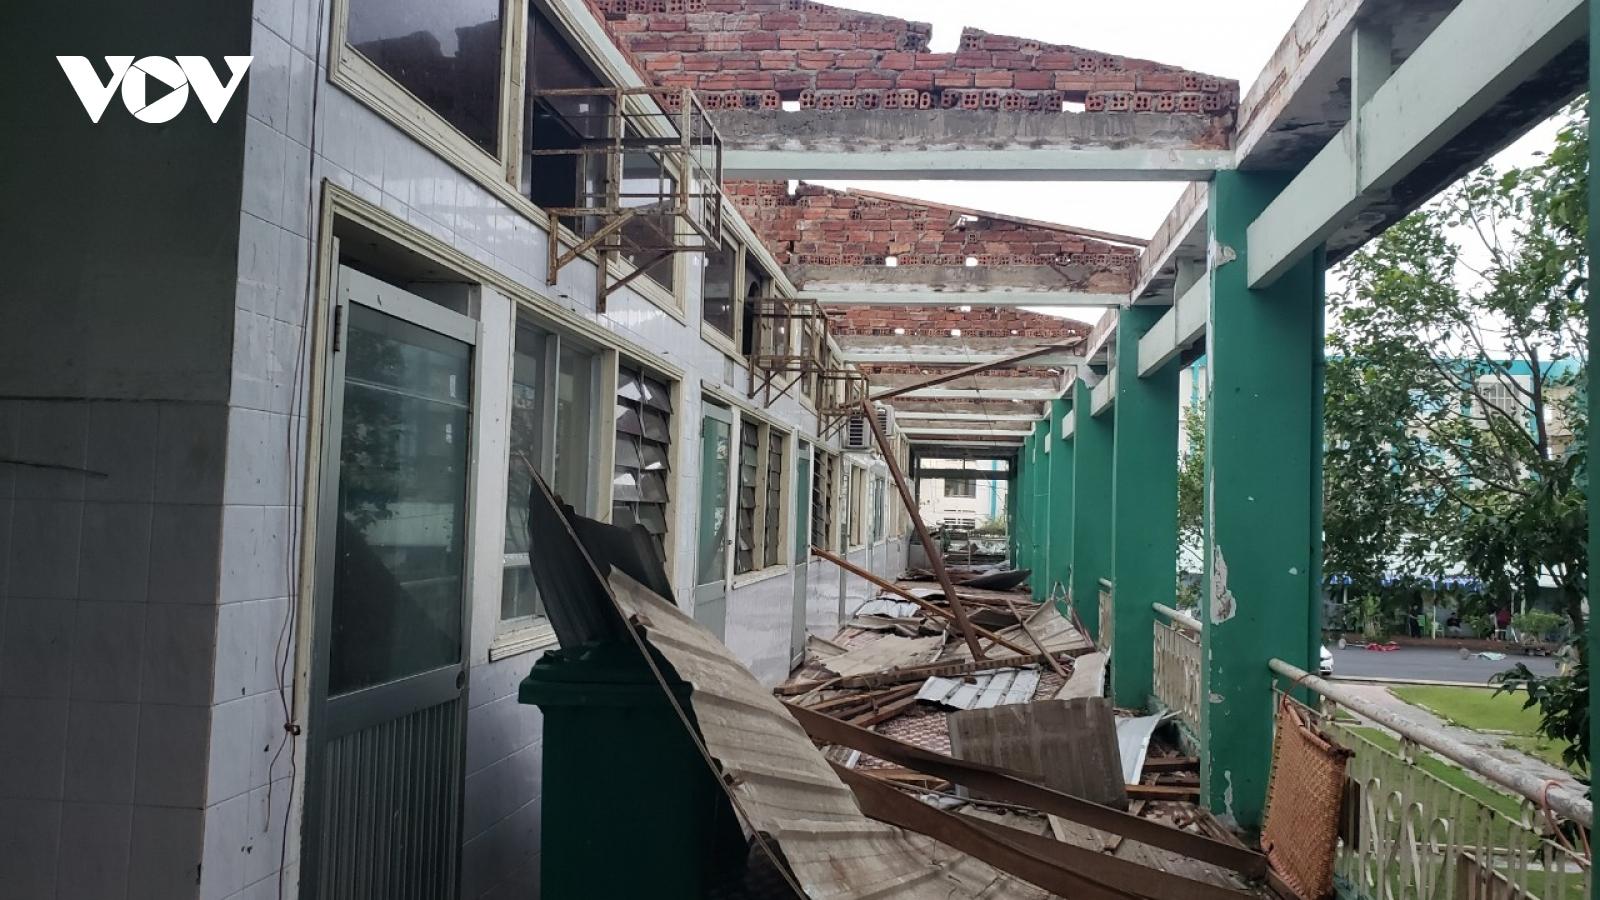 Bão số 9 giật tung mái tôn bệnh viện, hàng chục bệnh nhân phải sơ tán